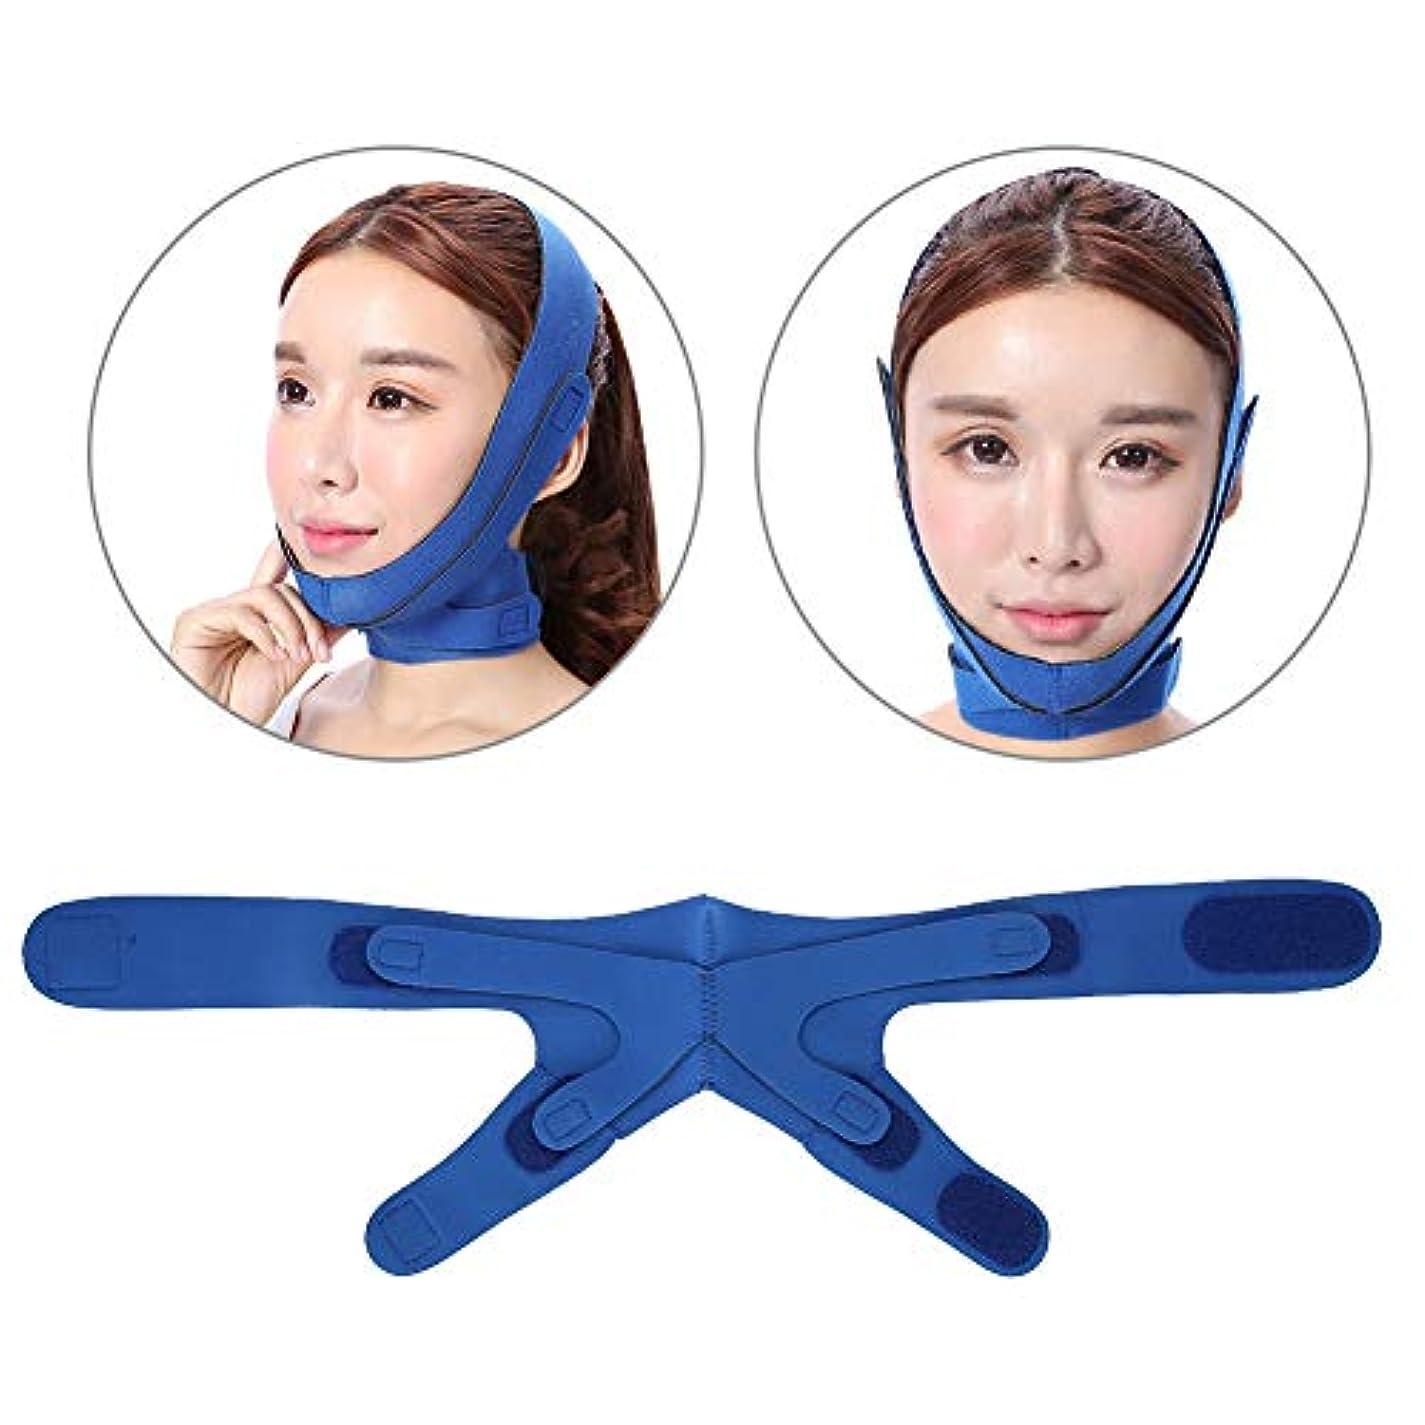 フェローシップはずスイッチVラインバンド首の圧縮の表面、反二重あごの 引き締まった肌の革紐の調節可能な引き締めの表面スキンケアの持ち上がる覆いのための持ち上がる表面ベルトの顔の細くのあごのマスク